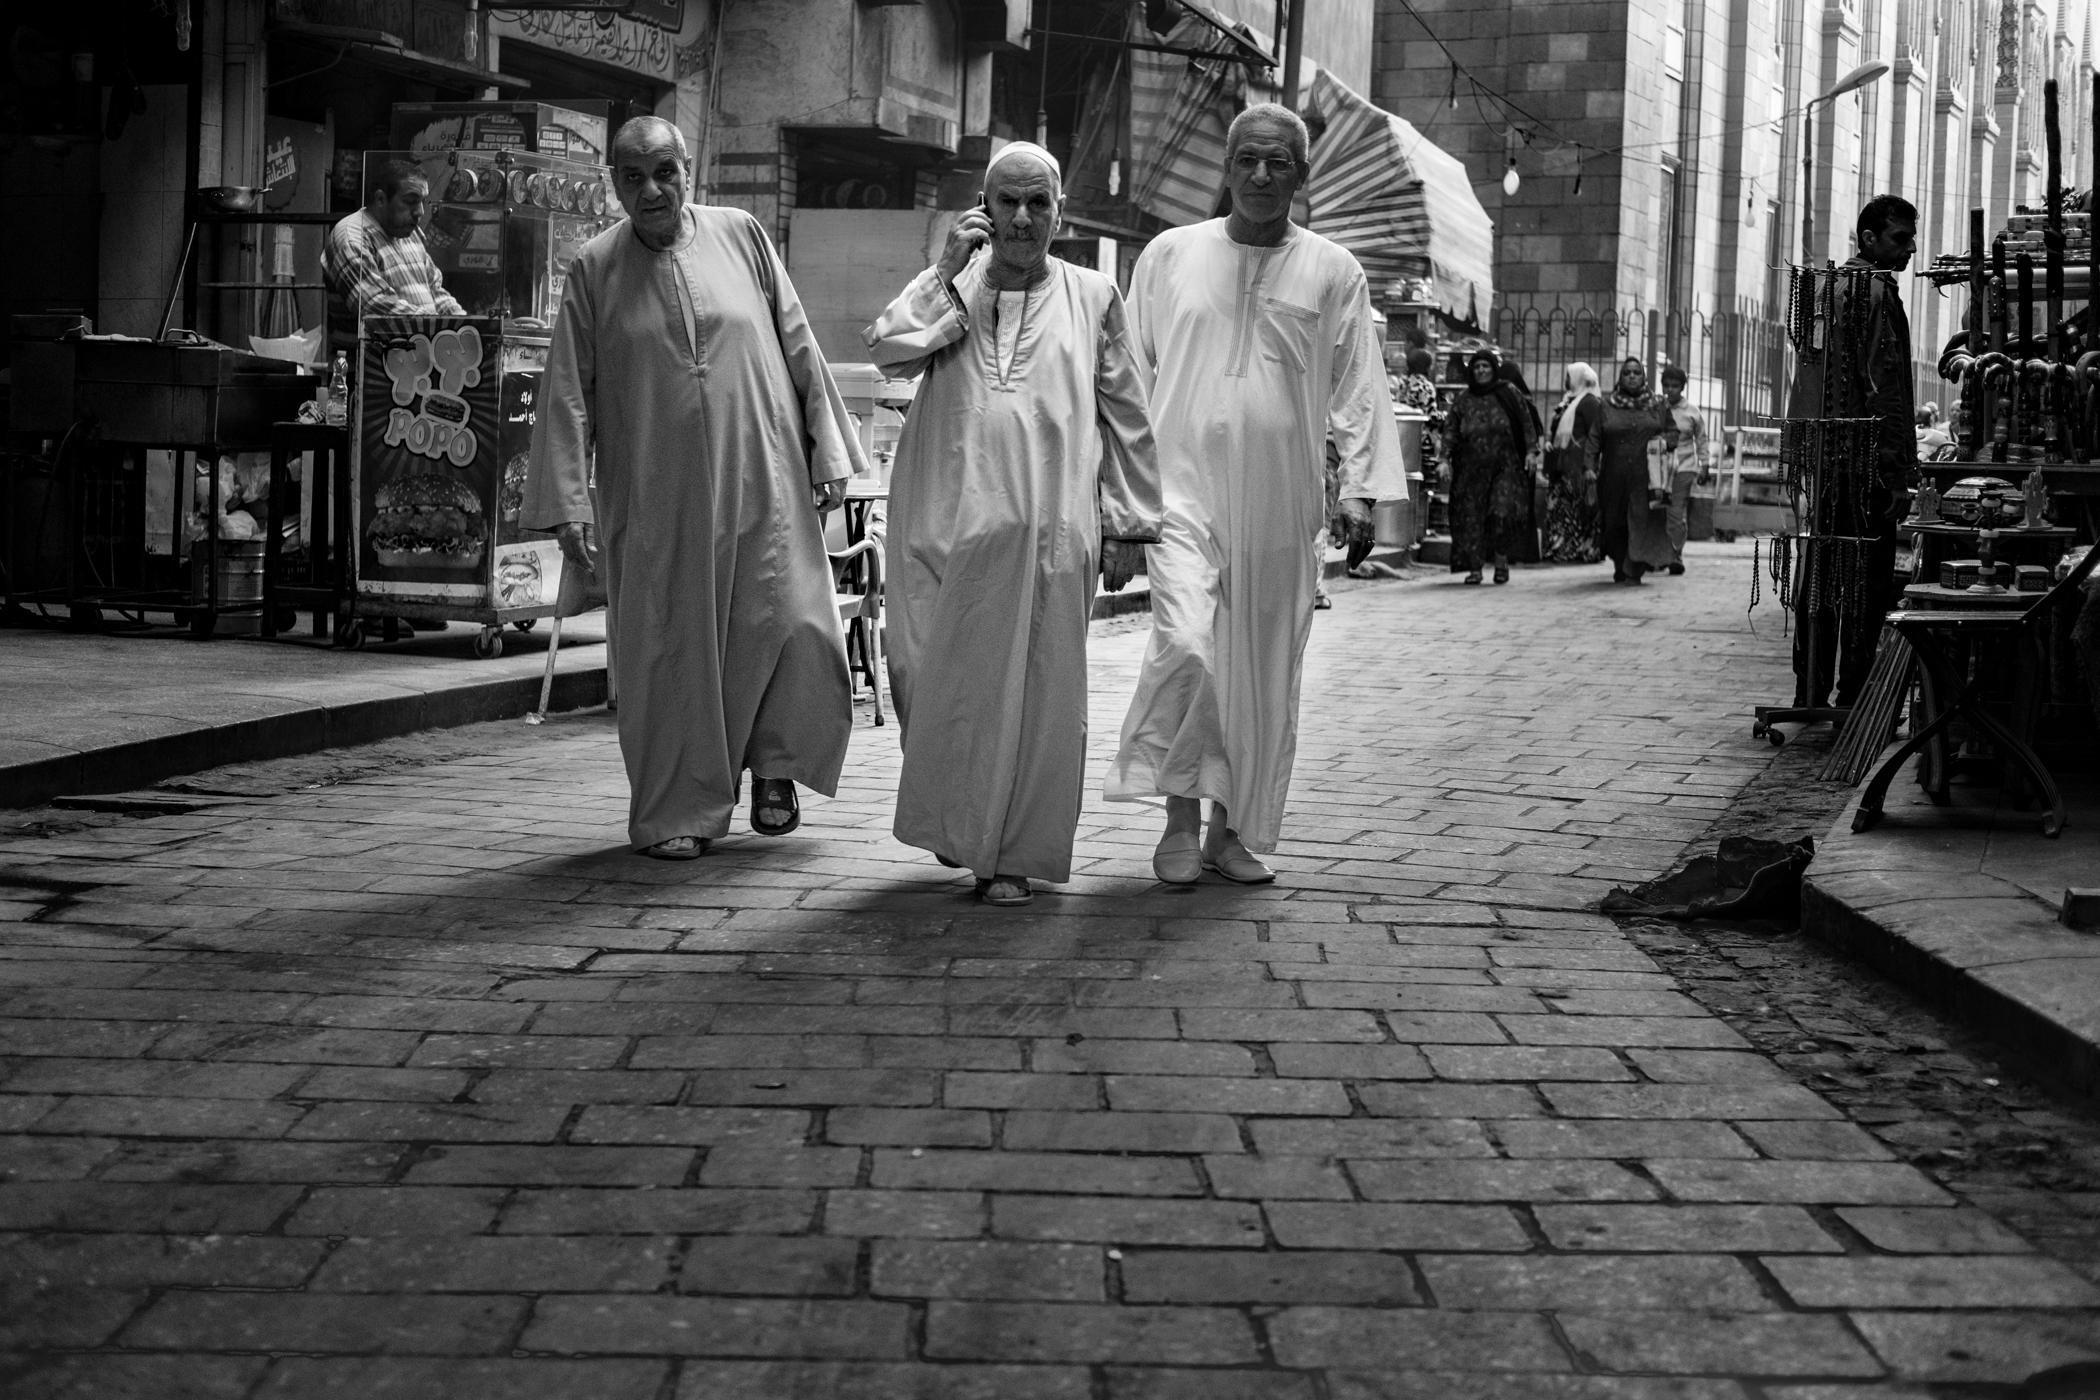 Cairo 2017 (7 of 10).jpg